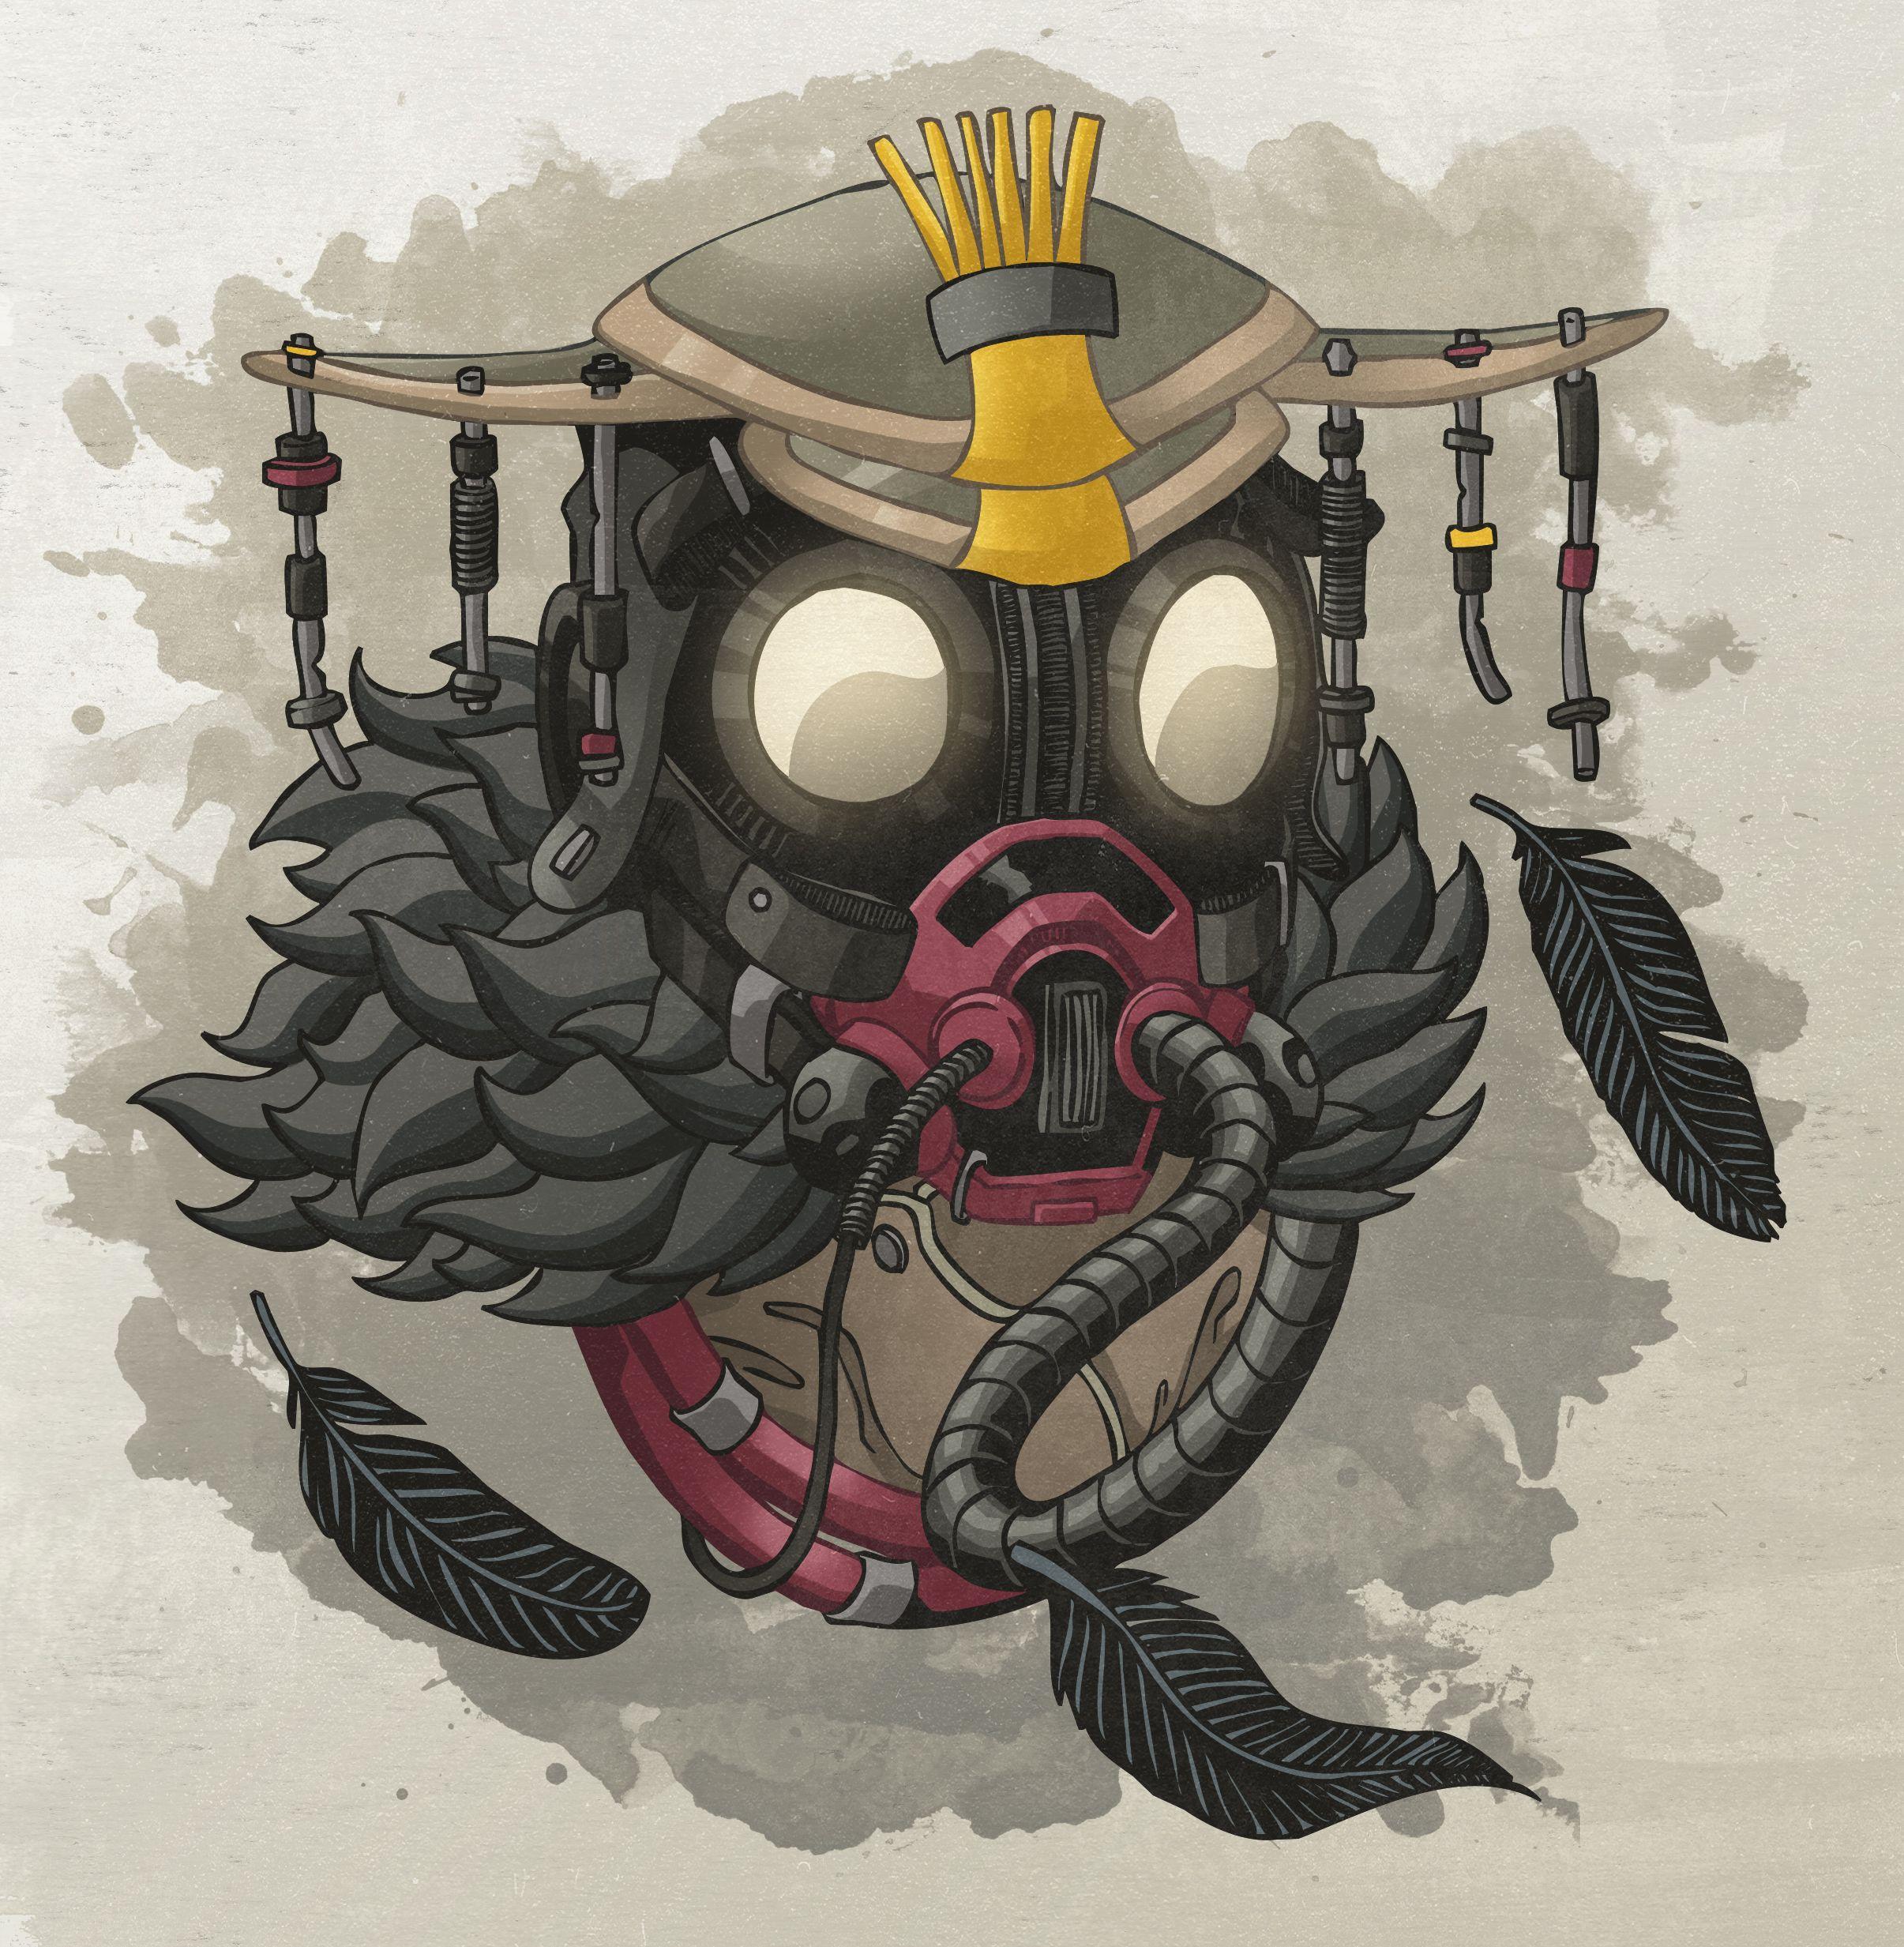 2411x2465 Bloodhound Bản vẽ huyền thoại Apex mát mẻ